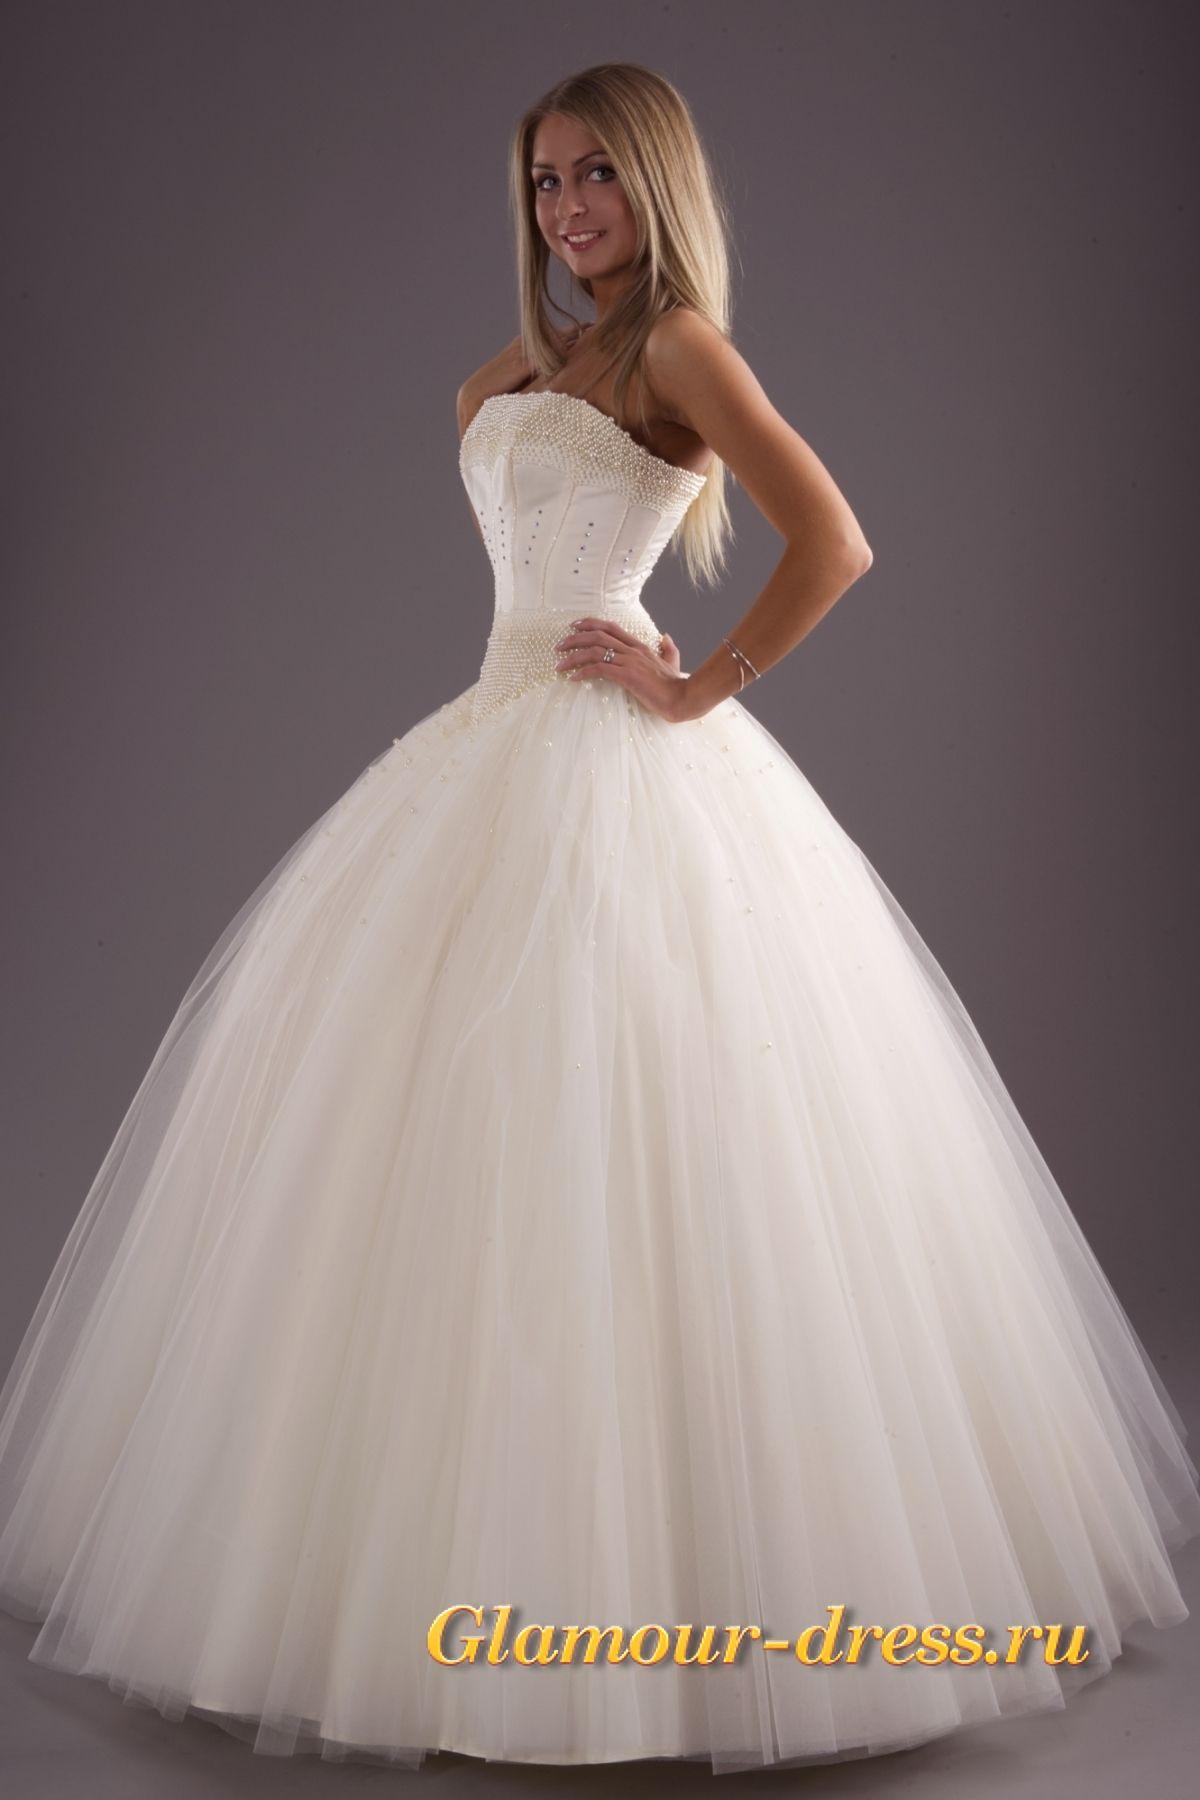 bf59a9c055af пышные свадебные платья из фатина с жемчугом - Поиск в Google ...